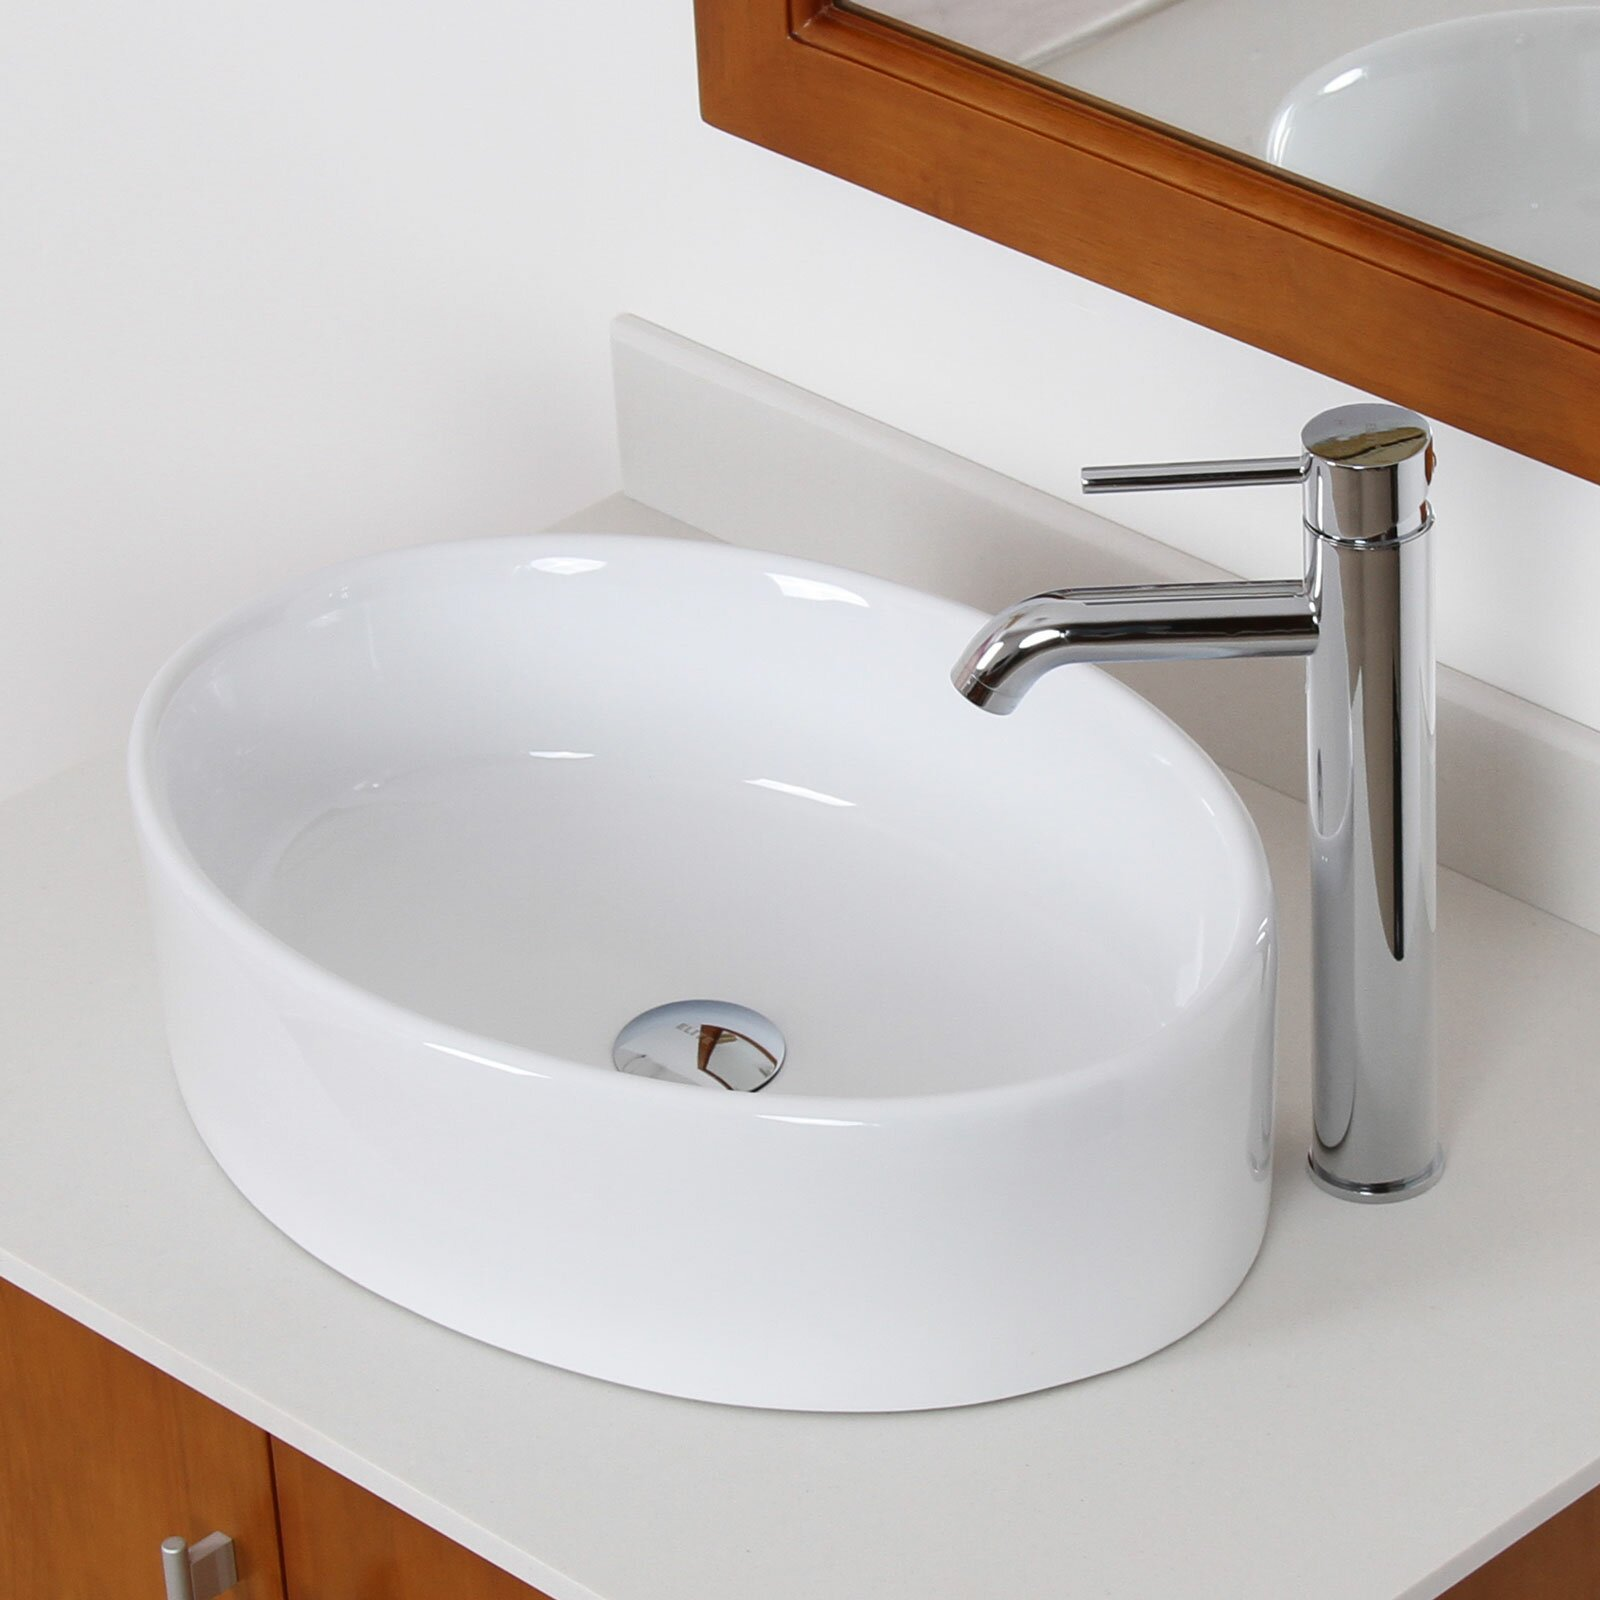 Bathroom Sink Material Elite Ceramic Elliptical Bathroom Sink Reviews Wayfair